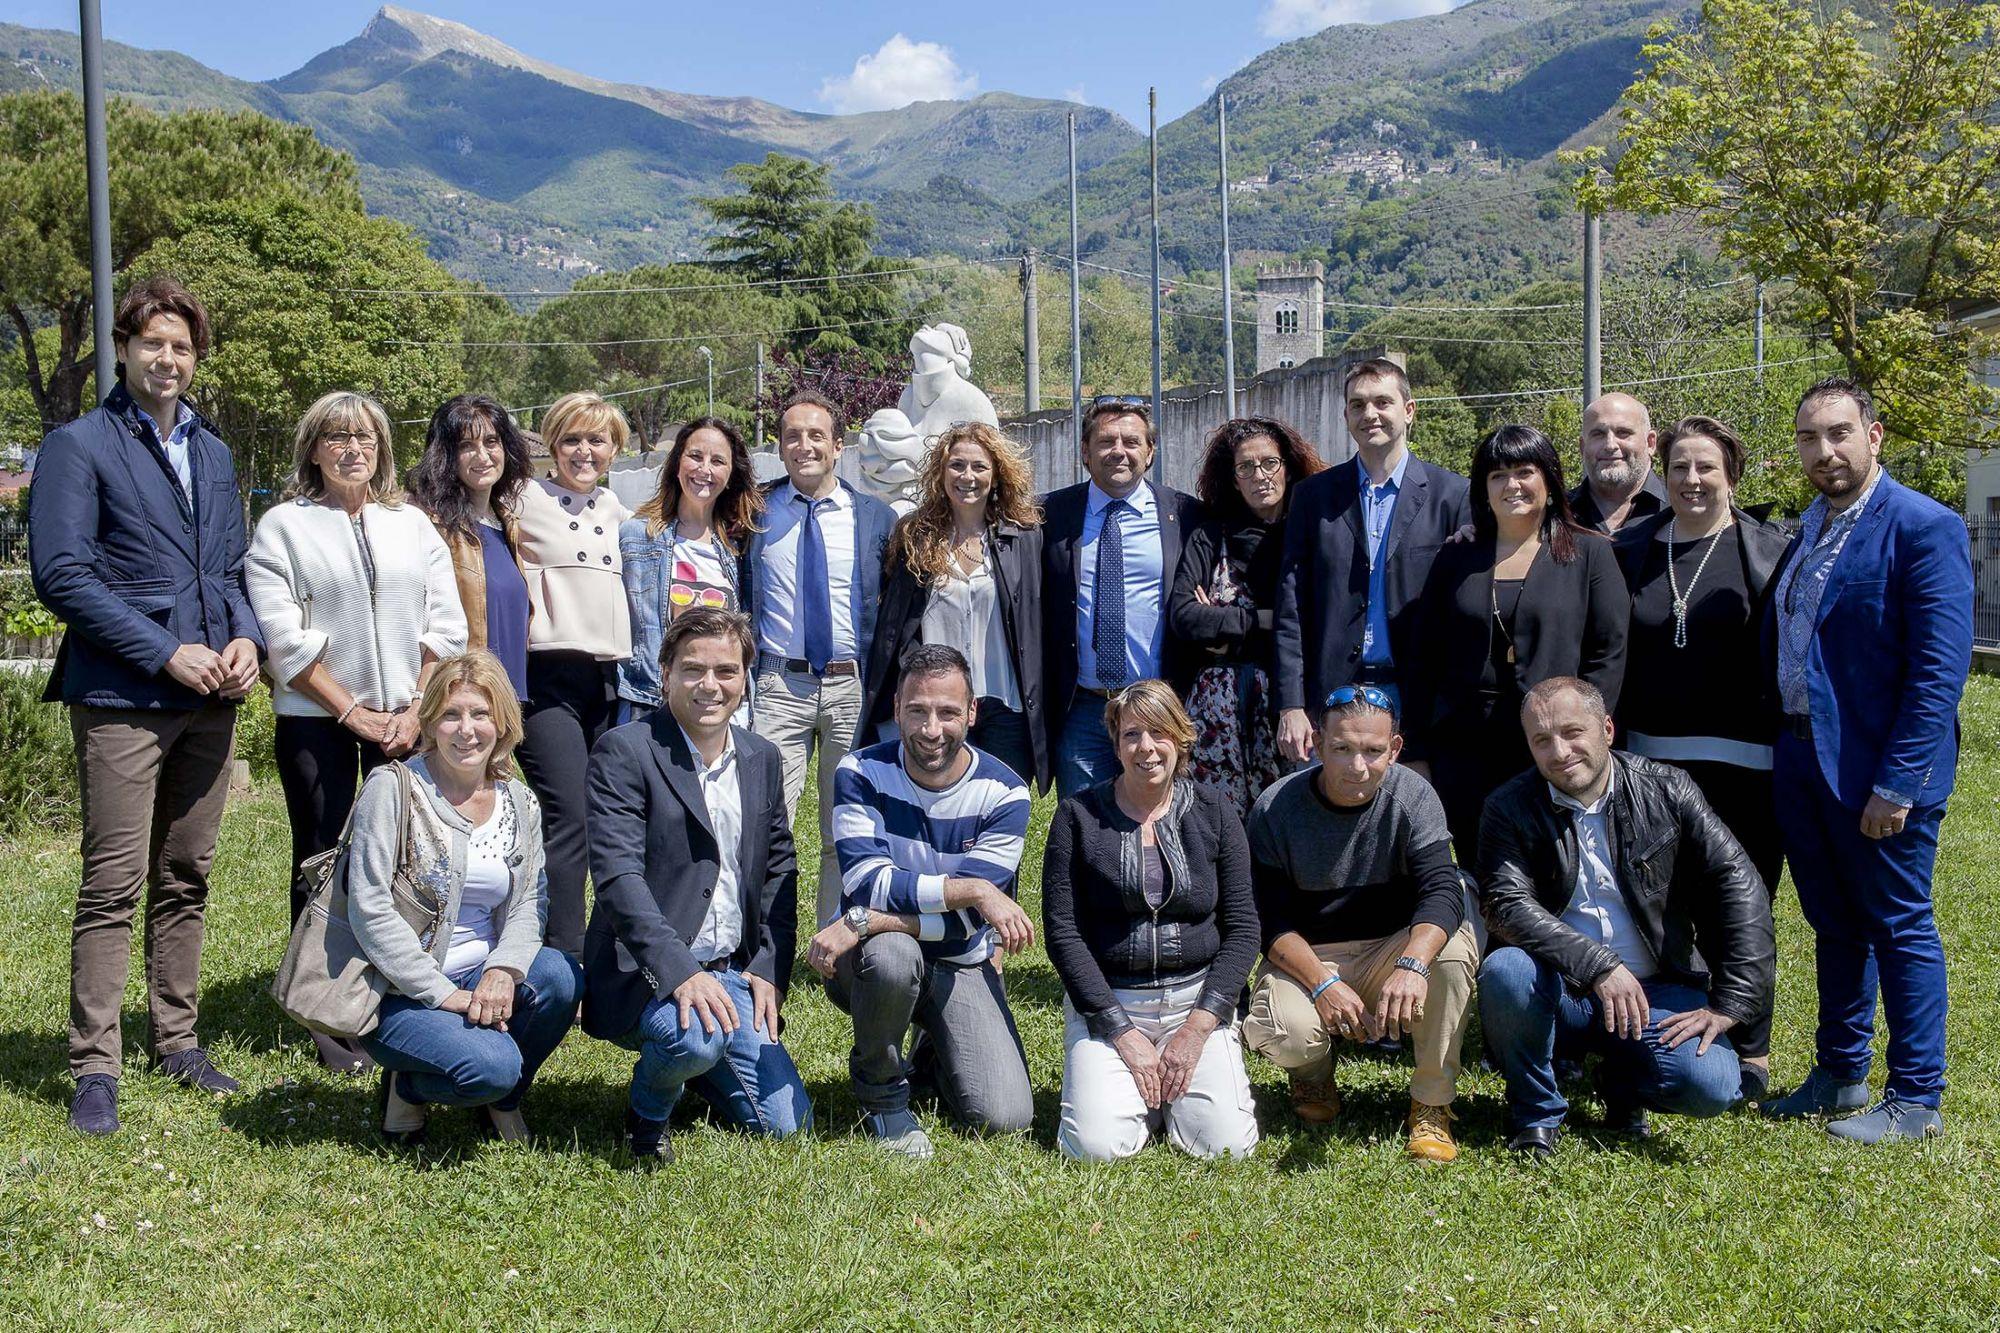 La squadra di Camaiore Nel Cuore con il candidato sindaco Del Dotto